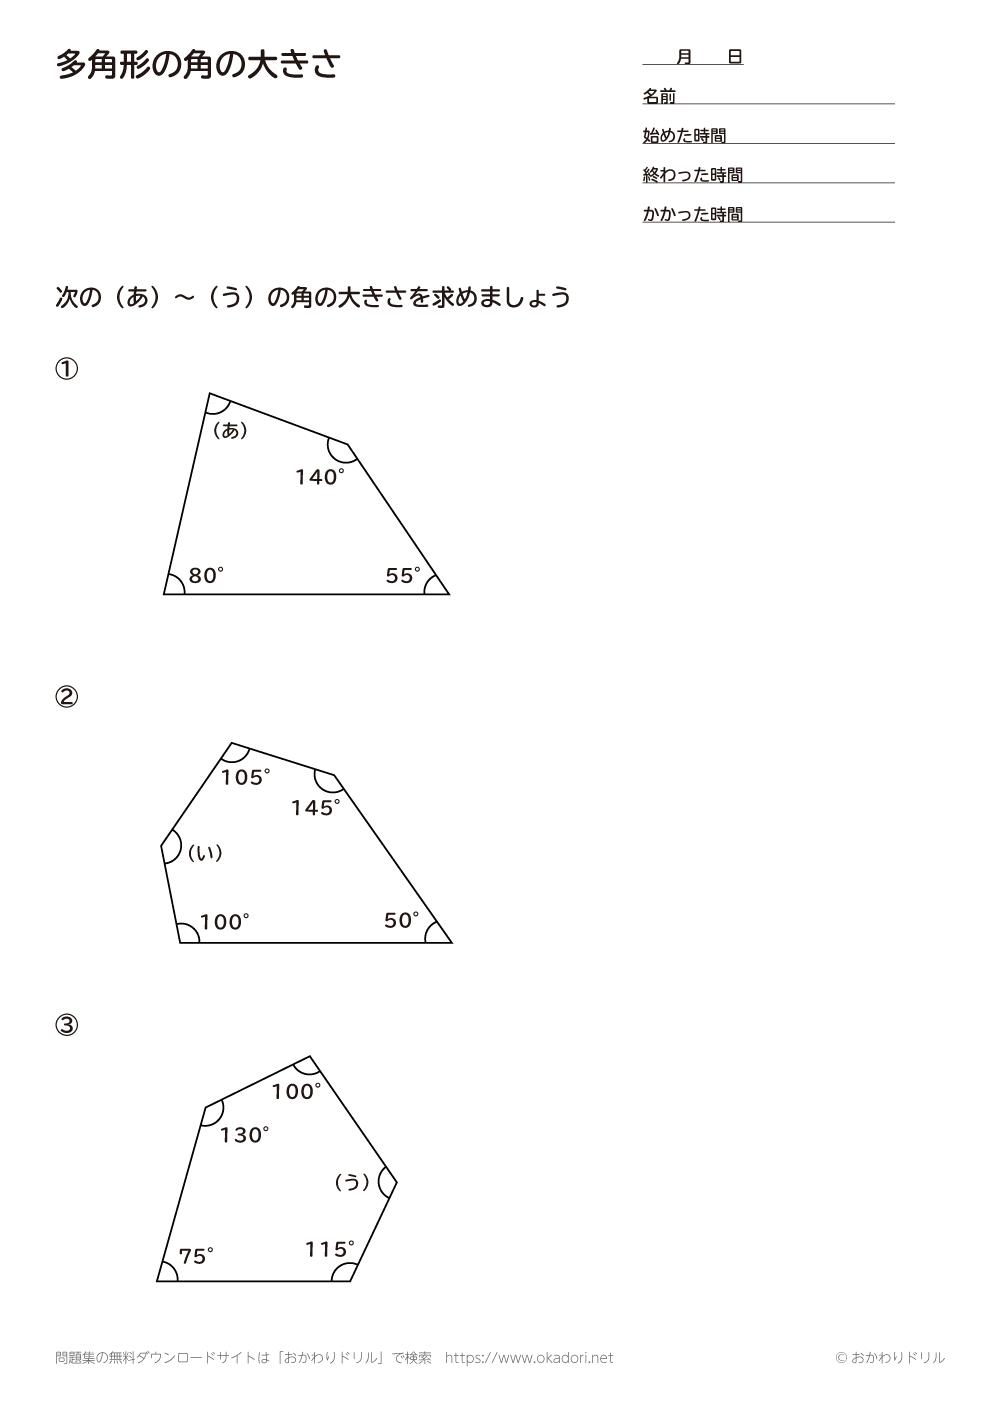 多角形の角の大きさ2